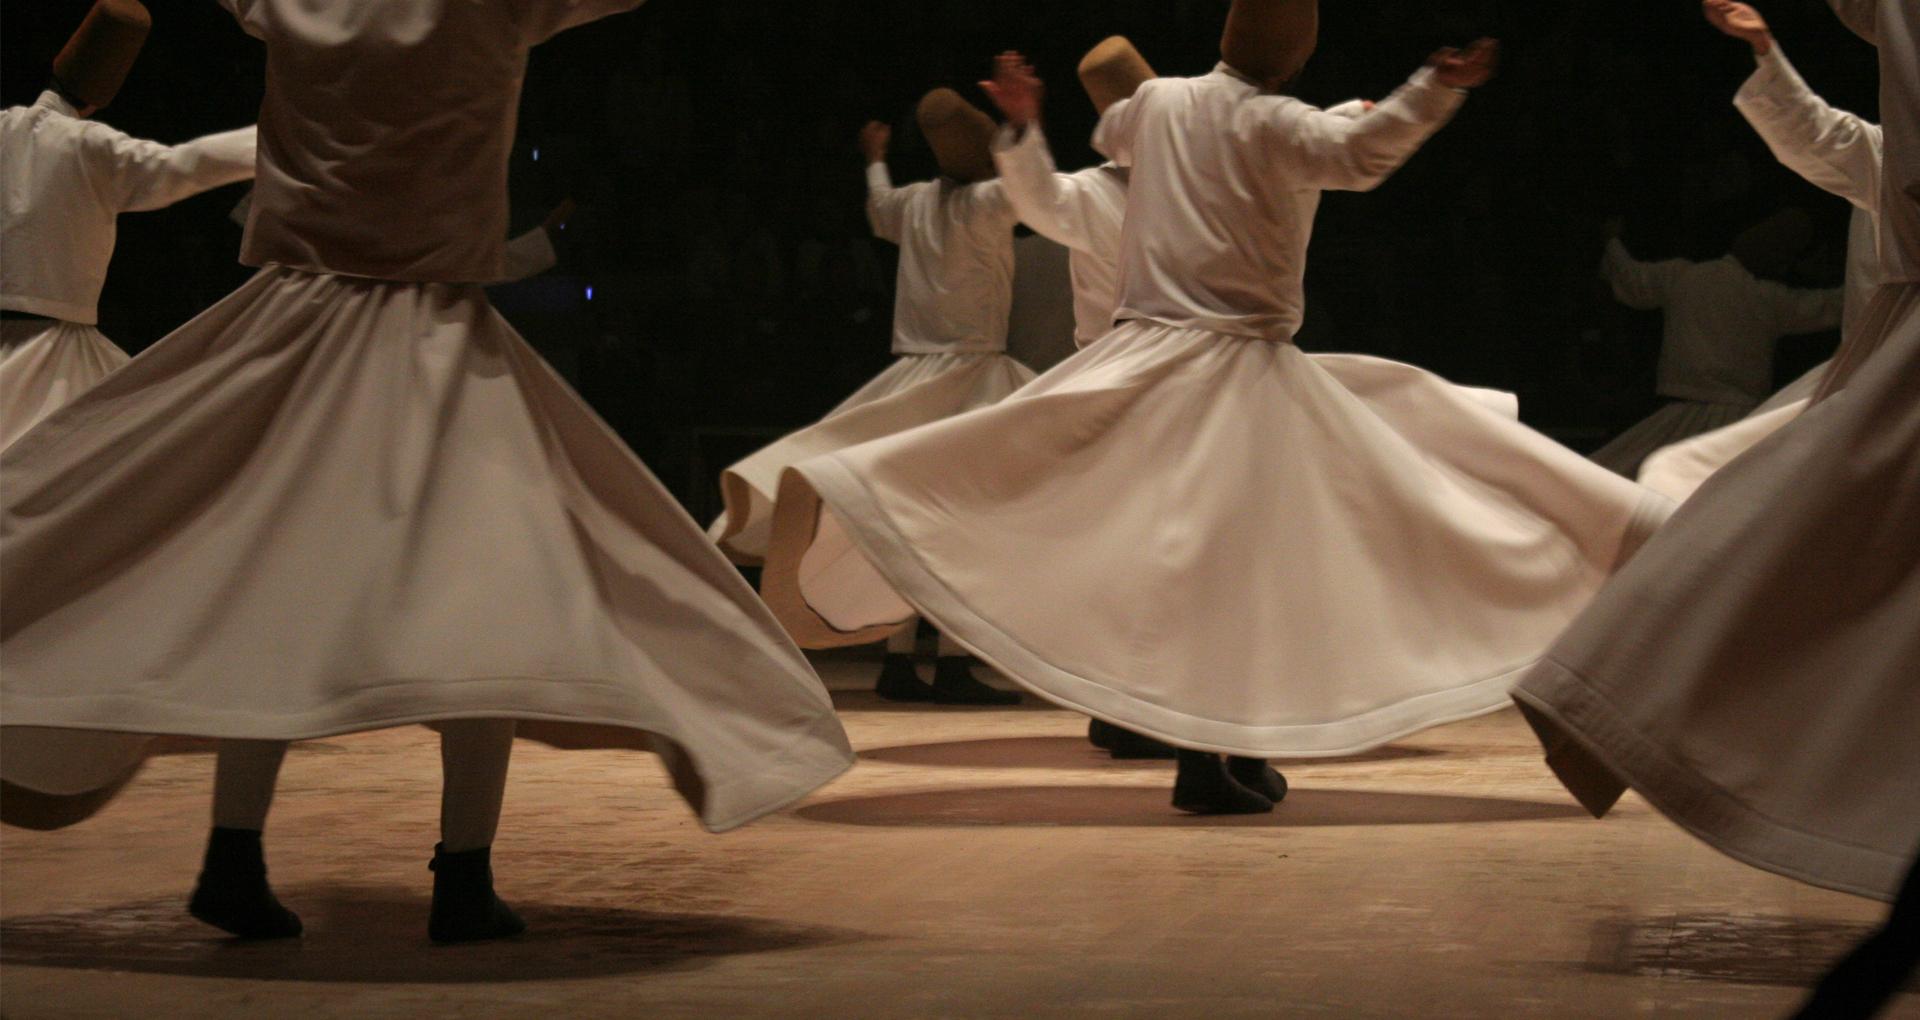 Wer war Rumi?